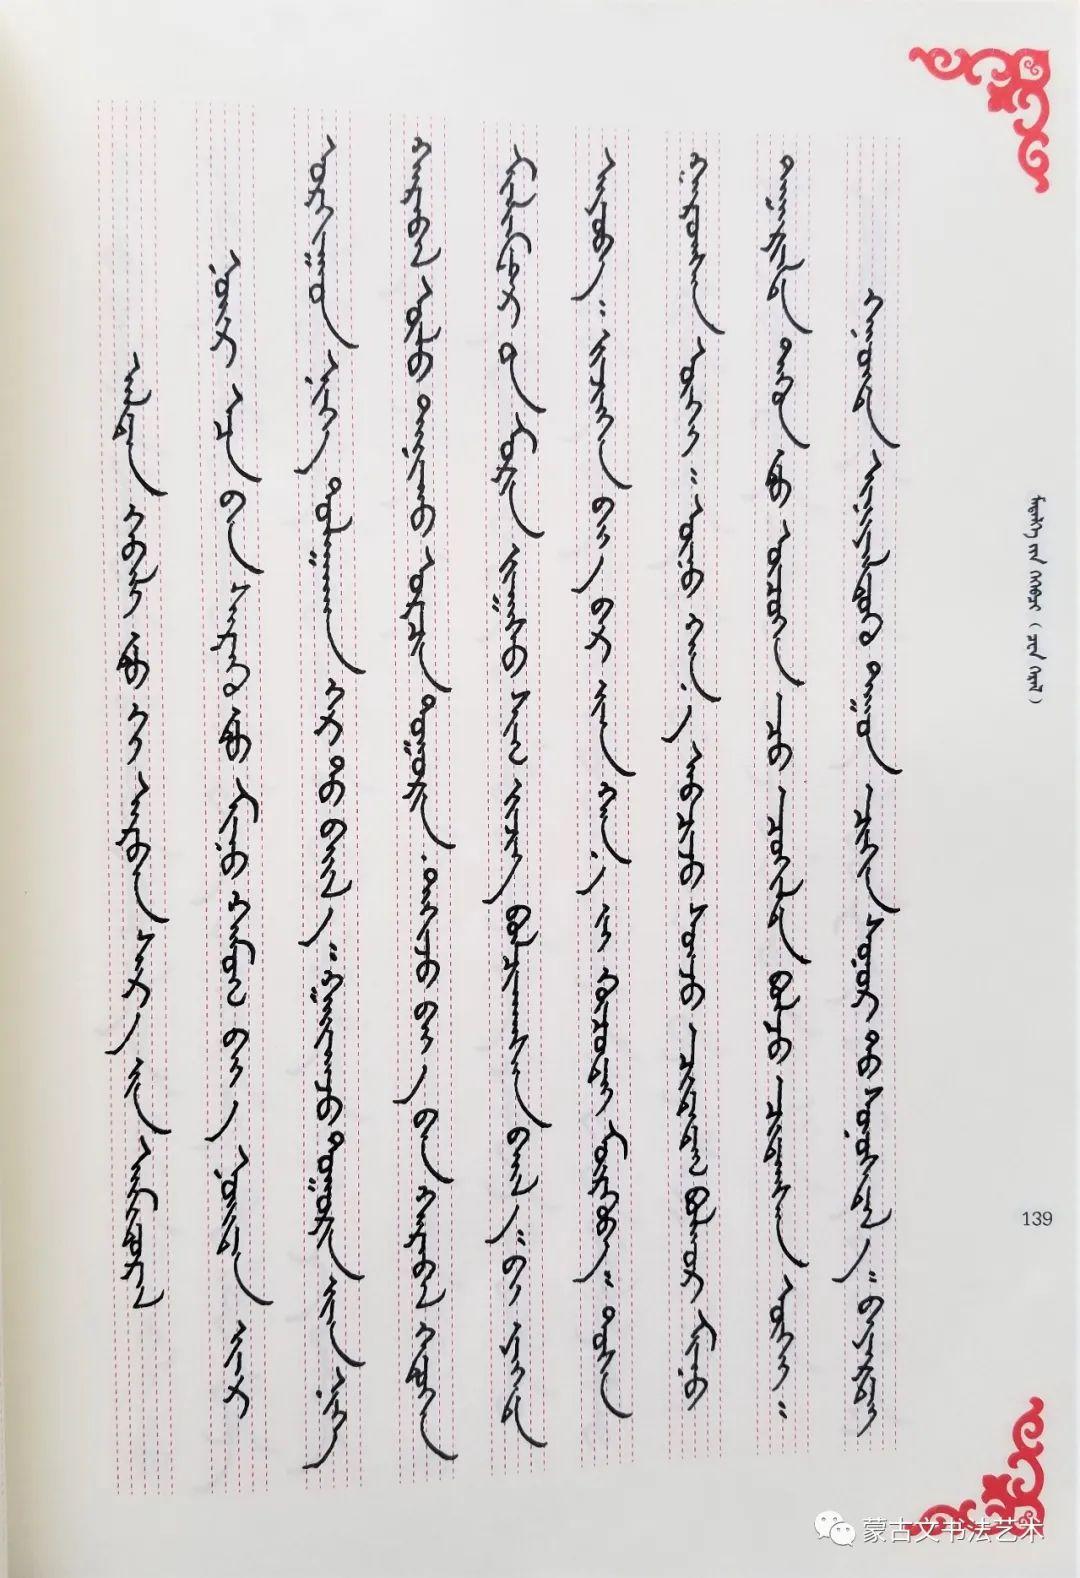 奈曼旗蒙古族实验小学十人《蒙古文钢笔规范字》 第49张 奈曼旗蒙古族实验小学十人《蒙古文钢笔规范字》 蒙古书法